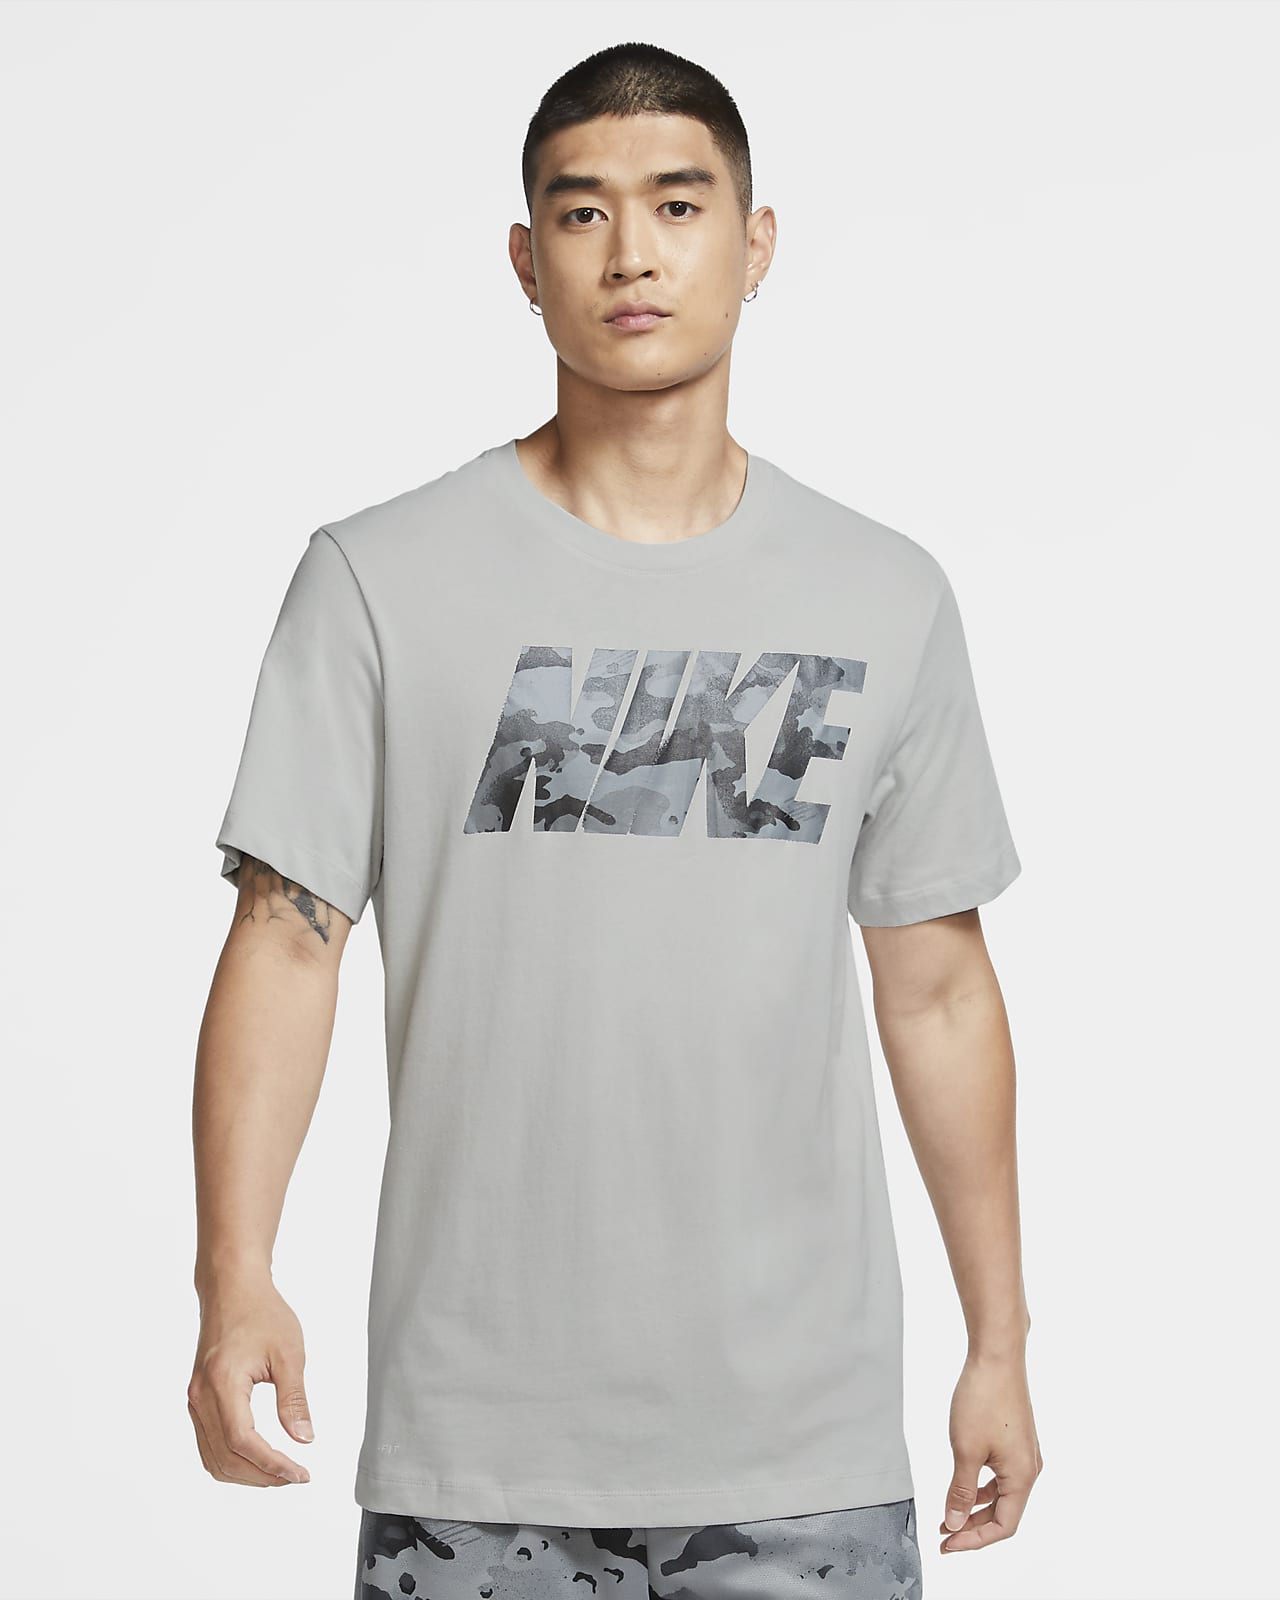 Nike Dri-FIT Trainings-T-Shirt im Camo-Design mit Logo für Herren